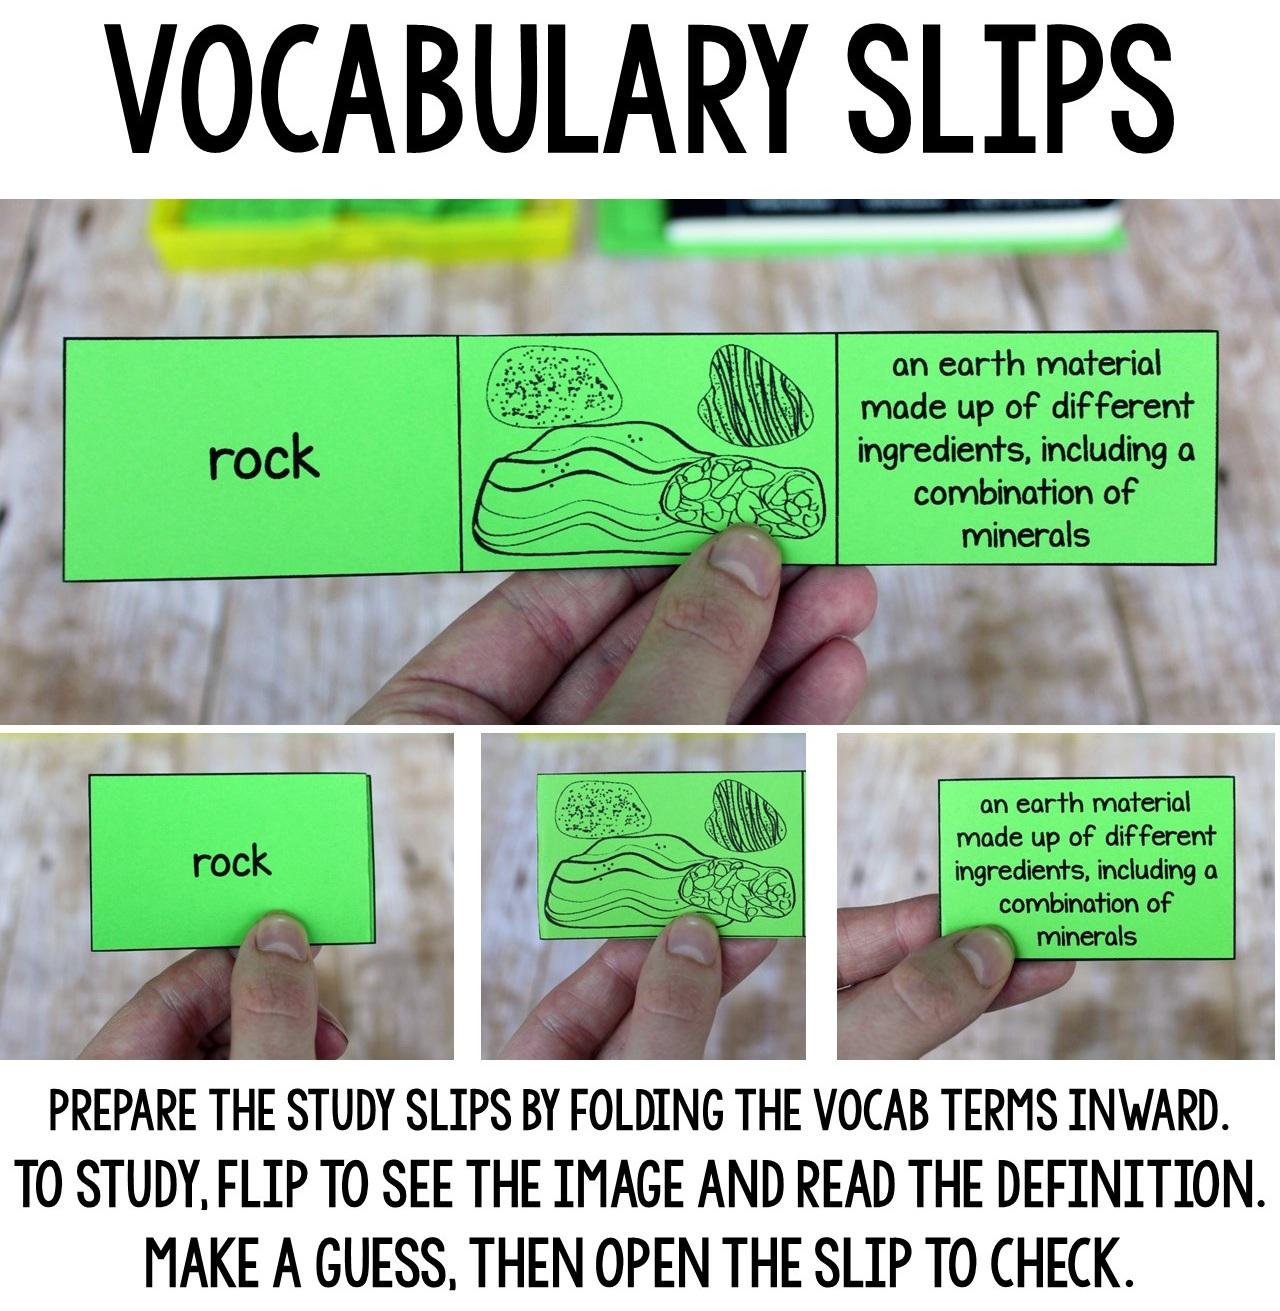 vocabulary+study+slips+strategy.jpg